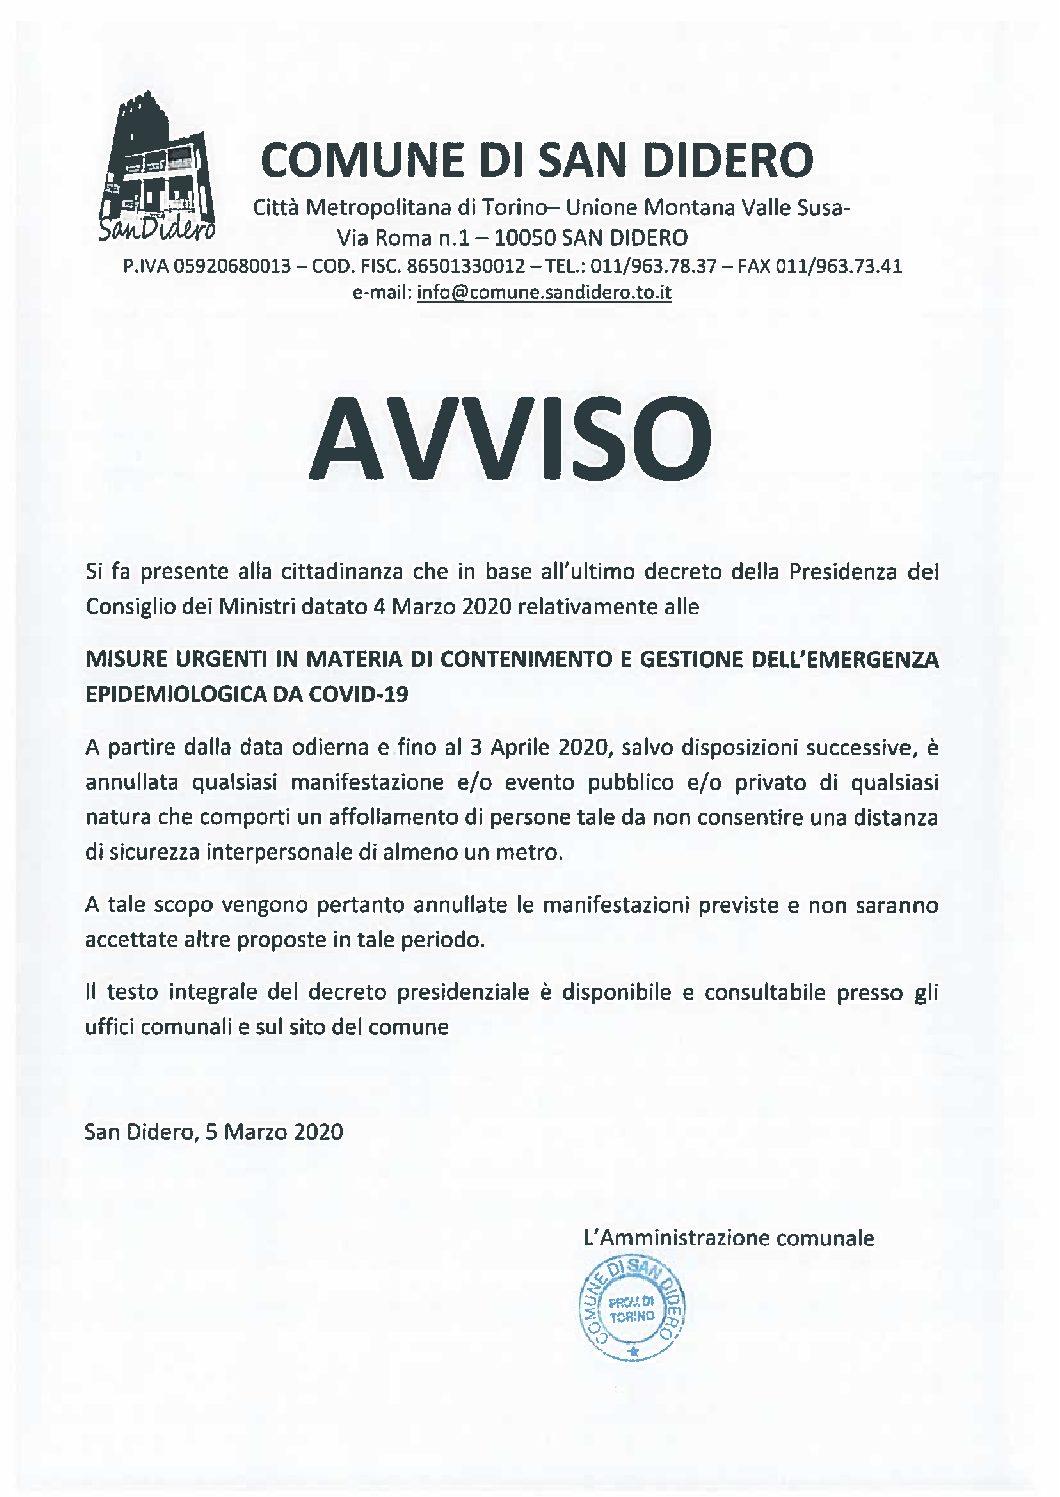 EPIDEMIA COVID 19 E MANIFESTAZIONI PUBBLICHE E PRIVATE: AVVISO DEL COMUNE